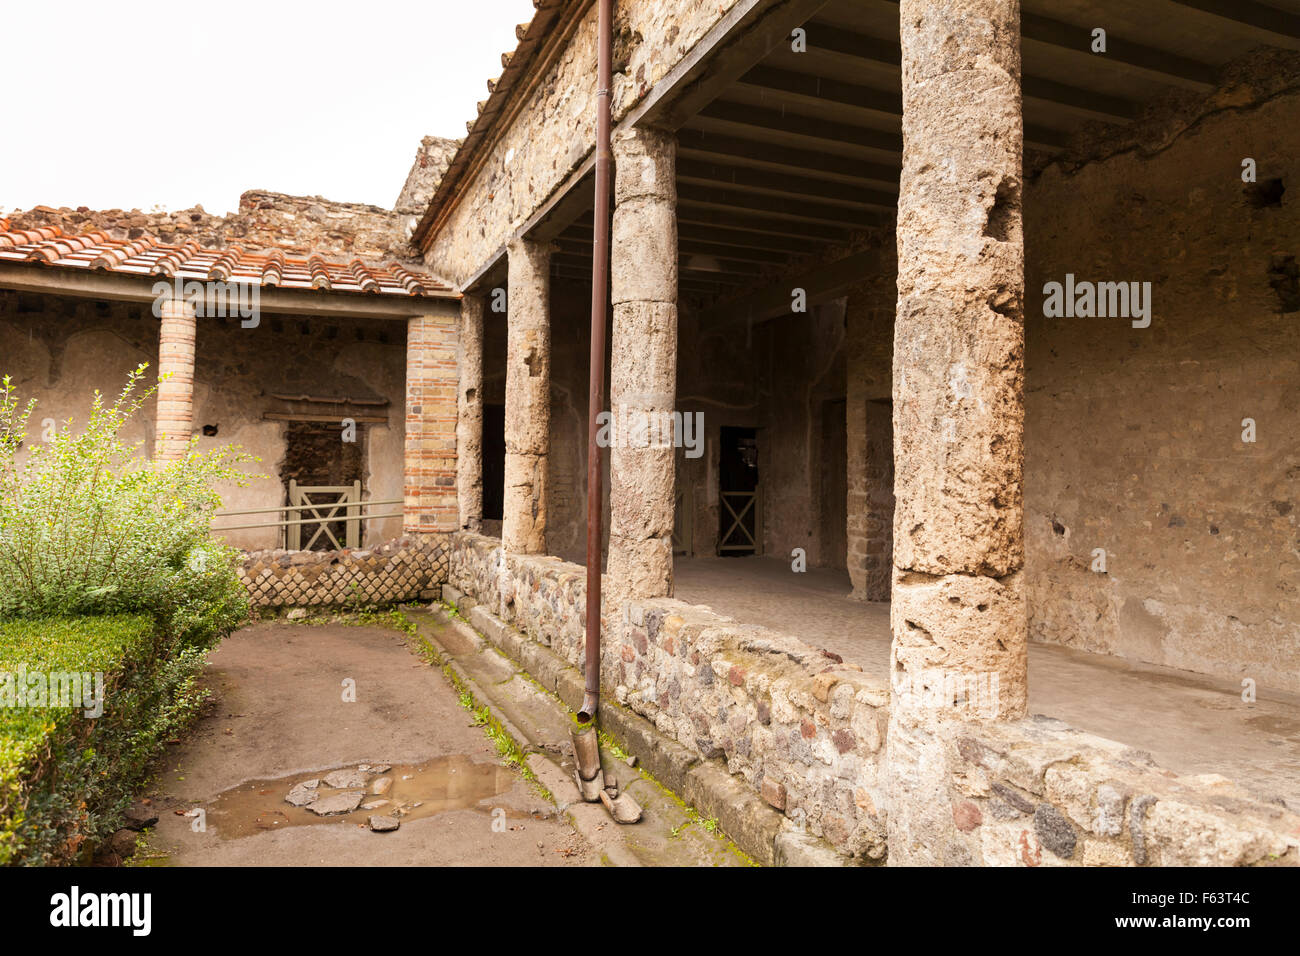 Courtyard and garden of Villa dei Misteri, Villa of the Mysteries, Pompeii, Italy - Stock Image